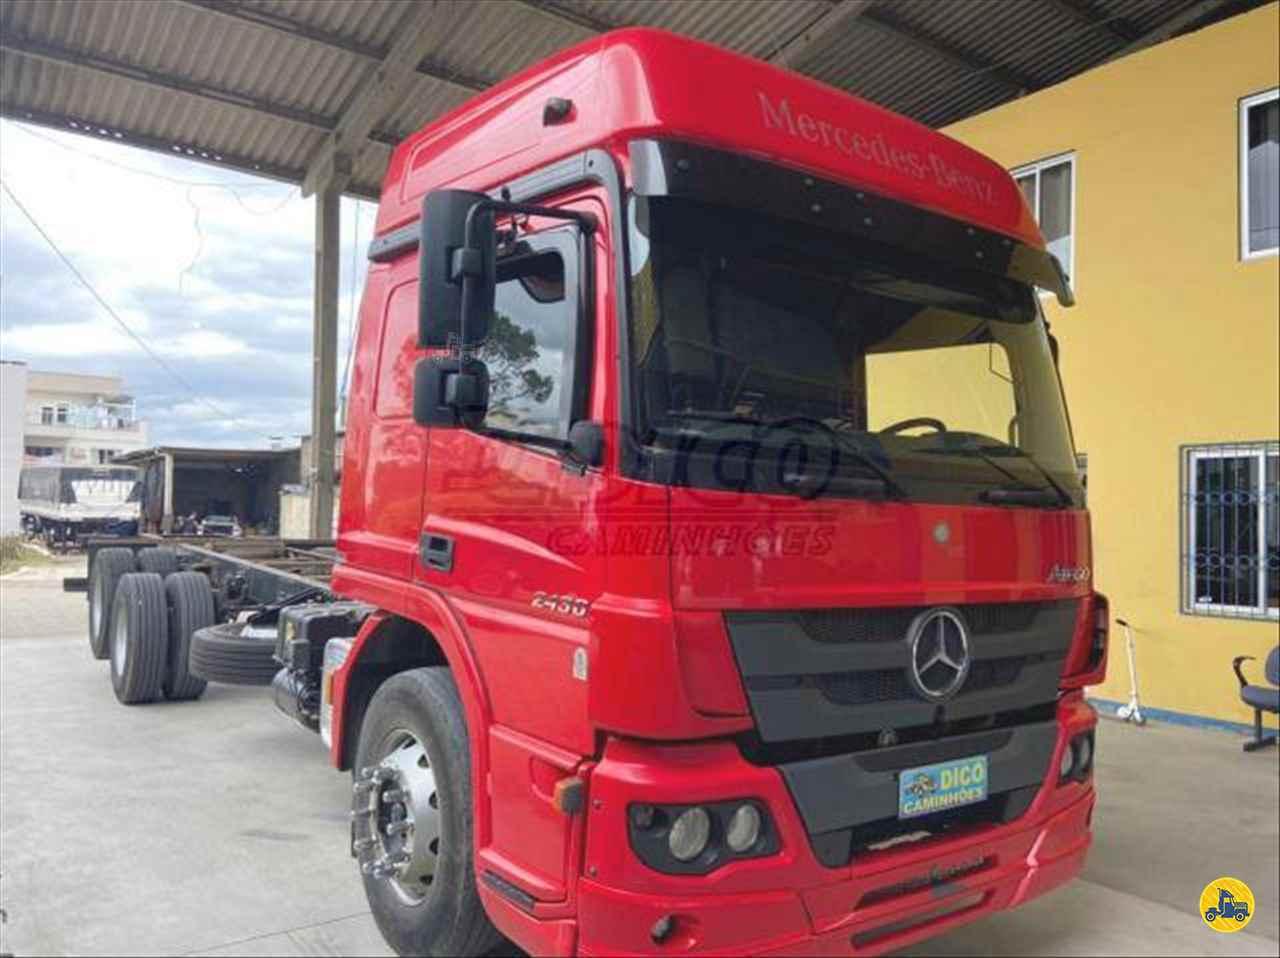 CAMINHAO MERCEDES-BENZ MB 2430 Chassis Truck 6x2 Dico Caminhões RIO DO SUL SANTA CATARINA SC